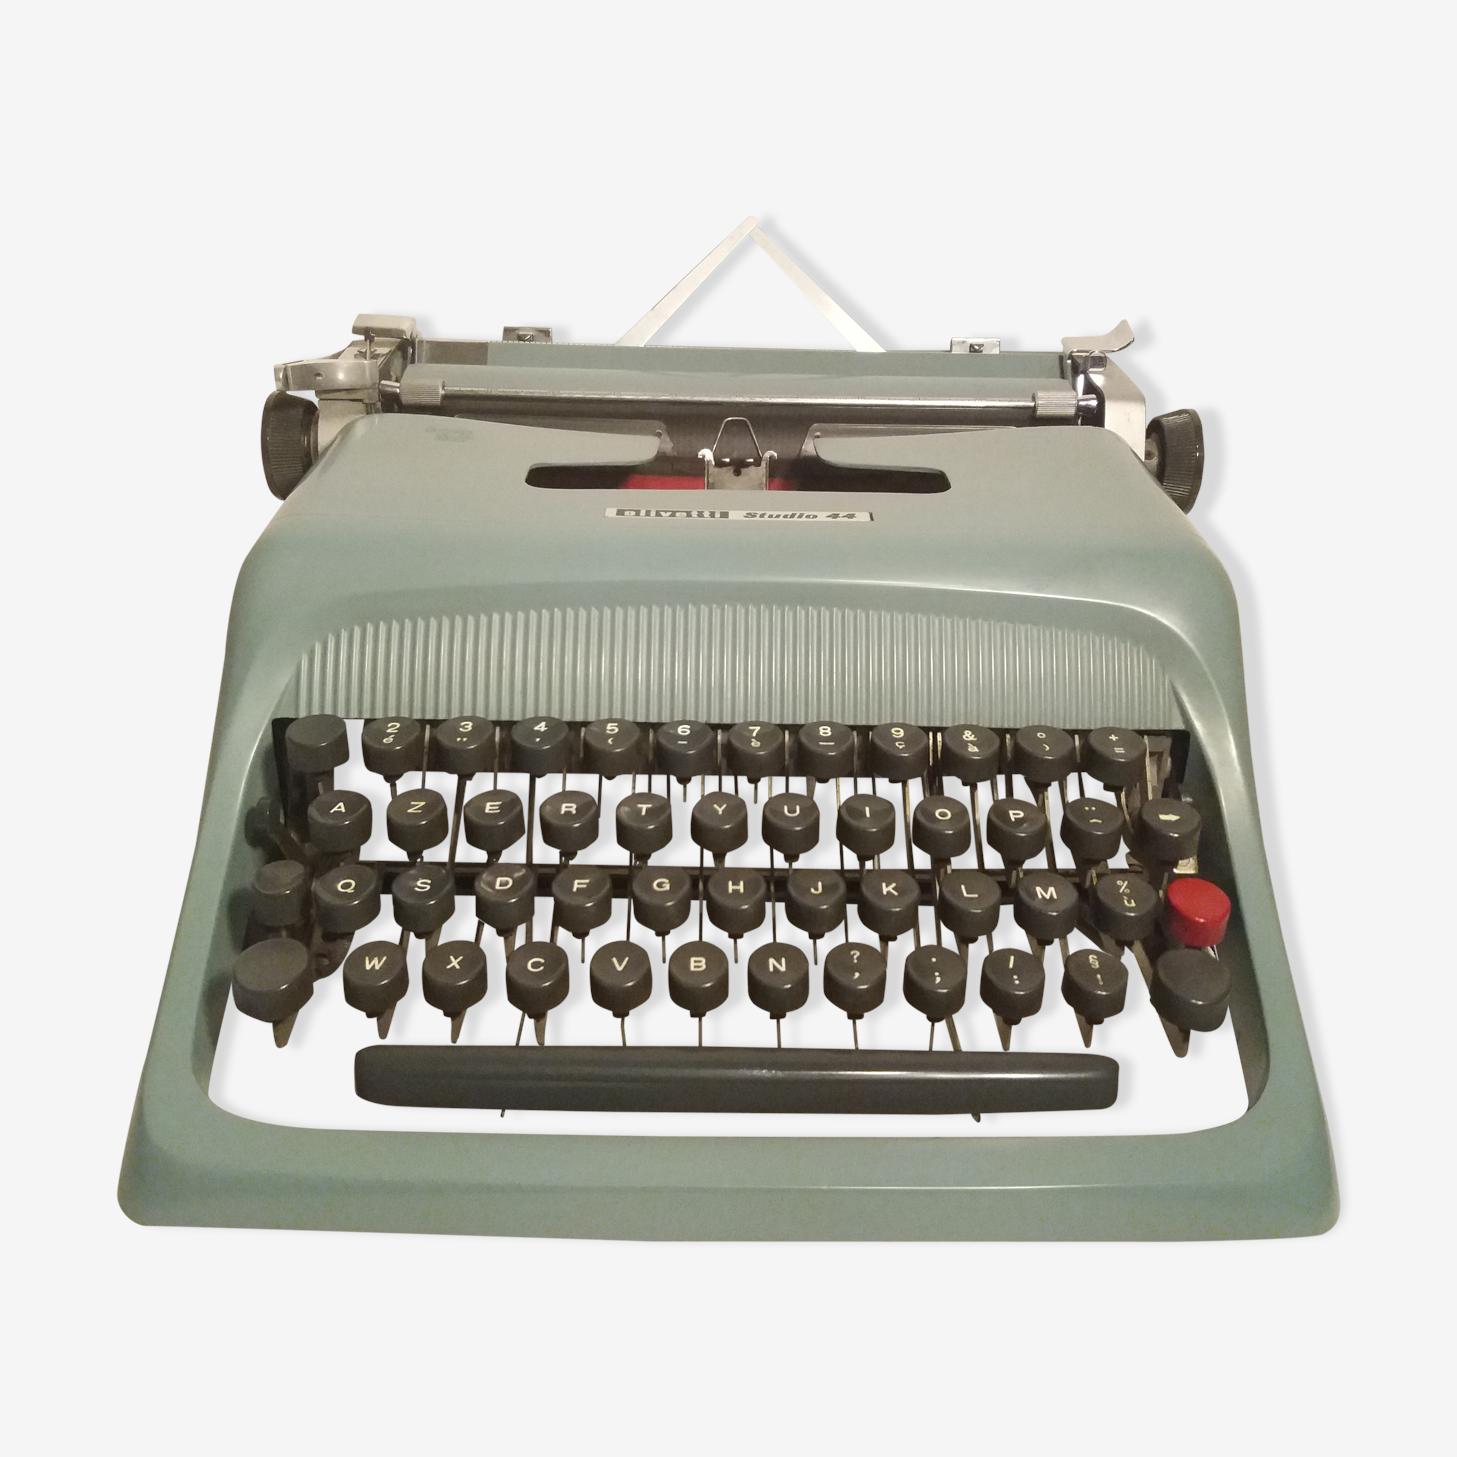 Studio 44 Olivetti typewriter